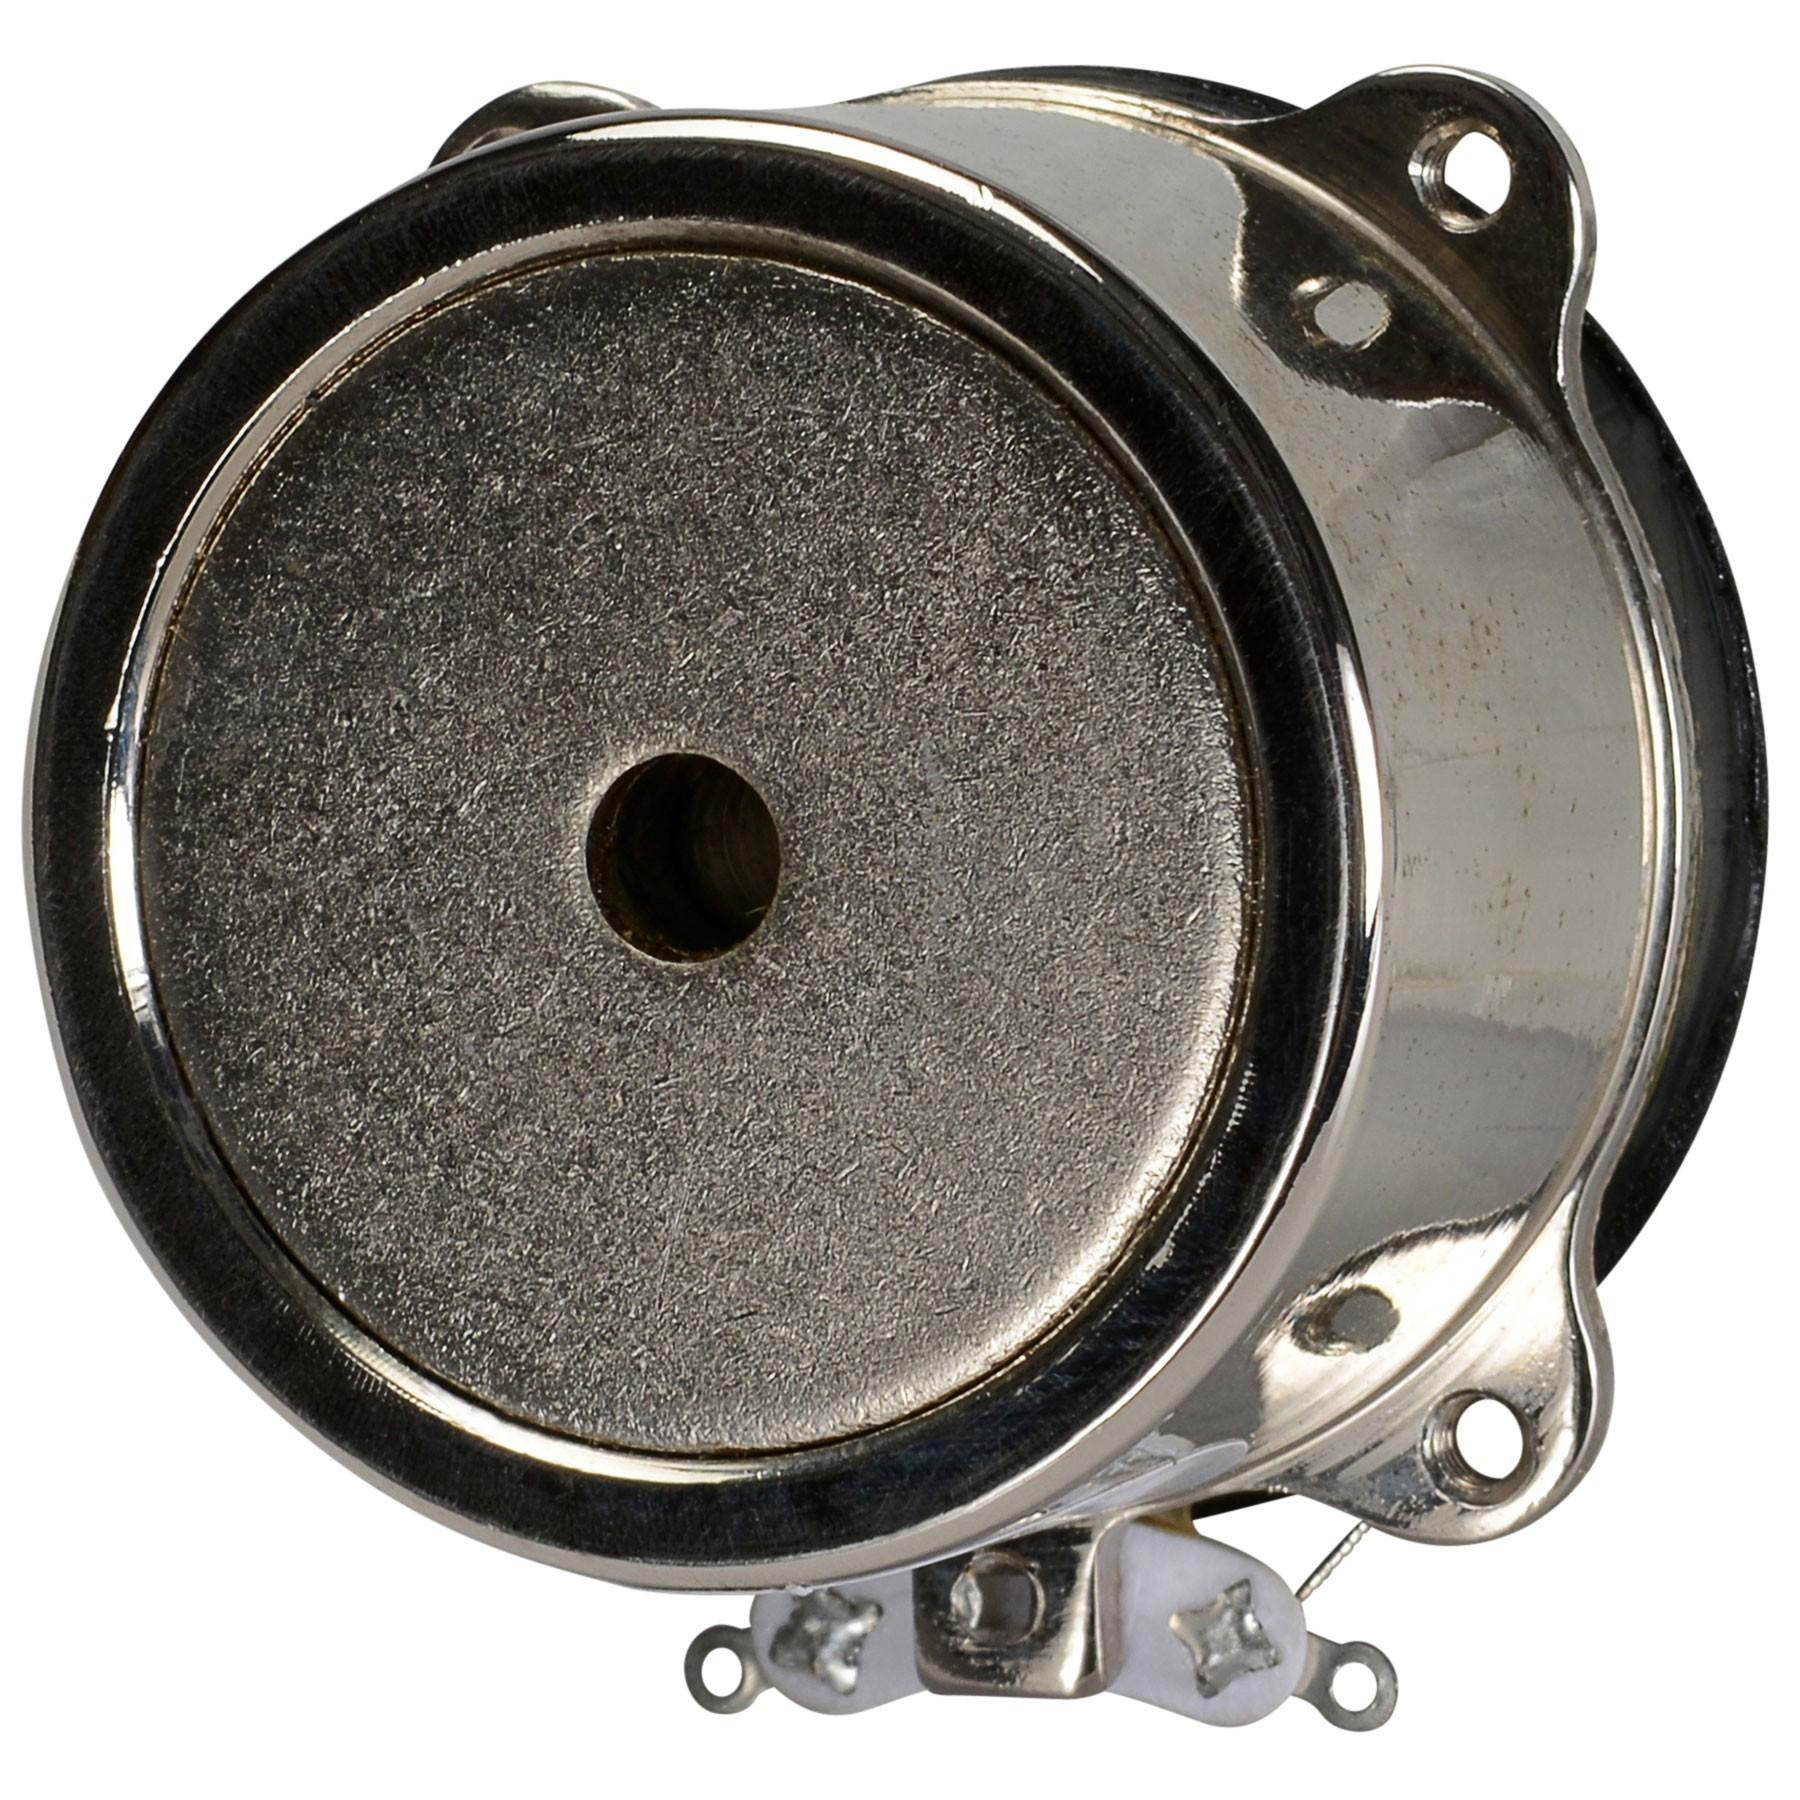 DAYTON AUDIO DAEX25SHF-4 Haut-Parleur Vibreur Exciter 20W 4 Ohm Ø2.5cm